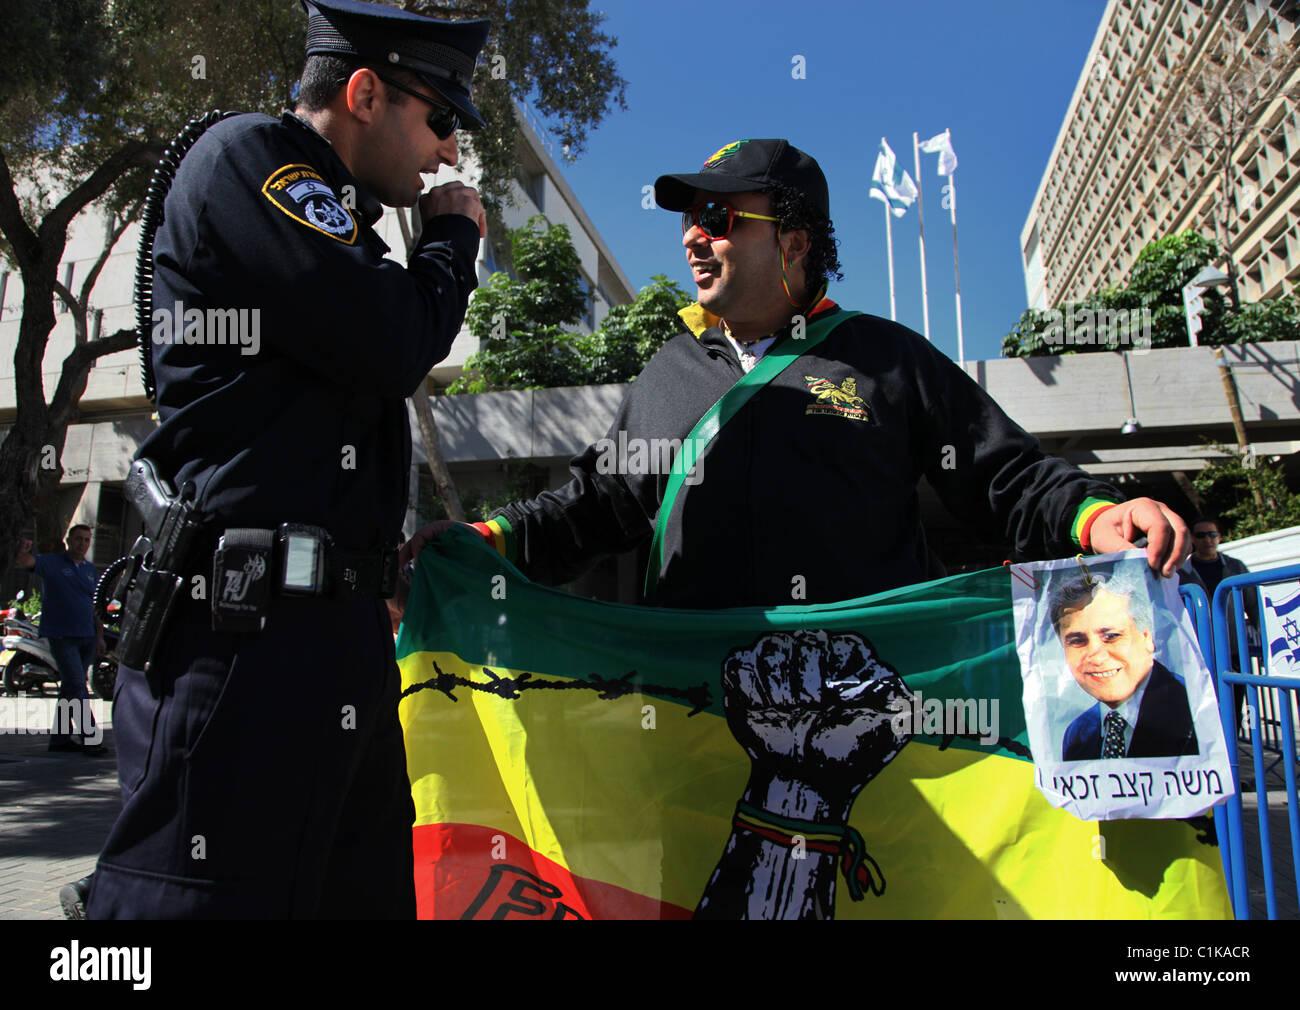 Supporter of former Israeli President Moshe Katsav in Tel Aviv court Israel - Stock Image